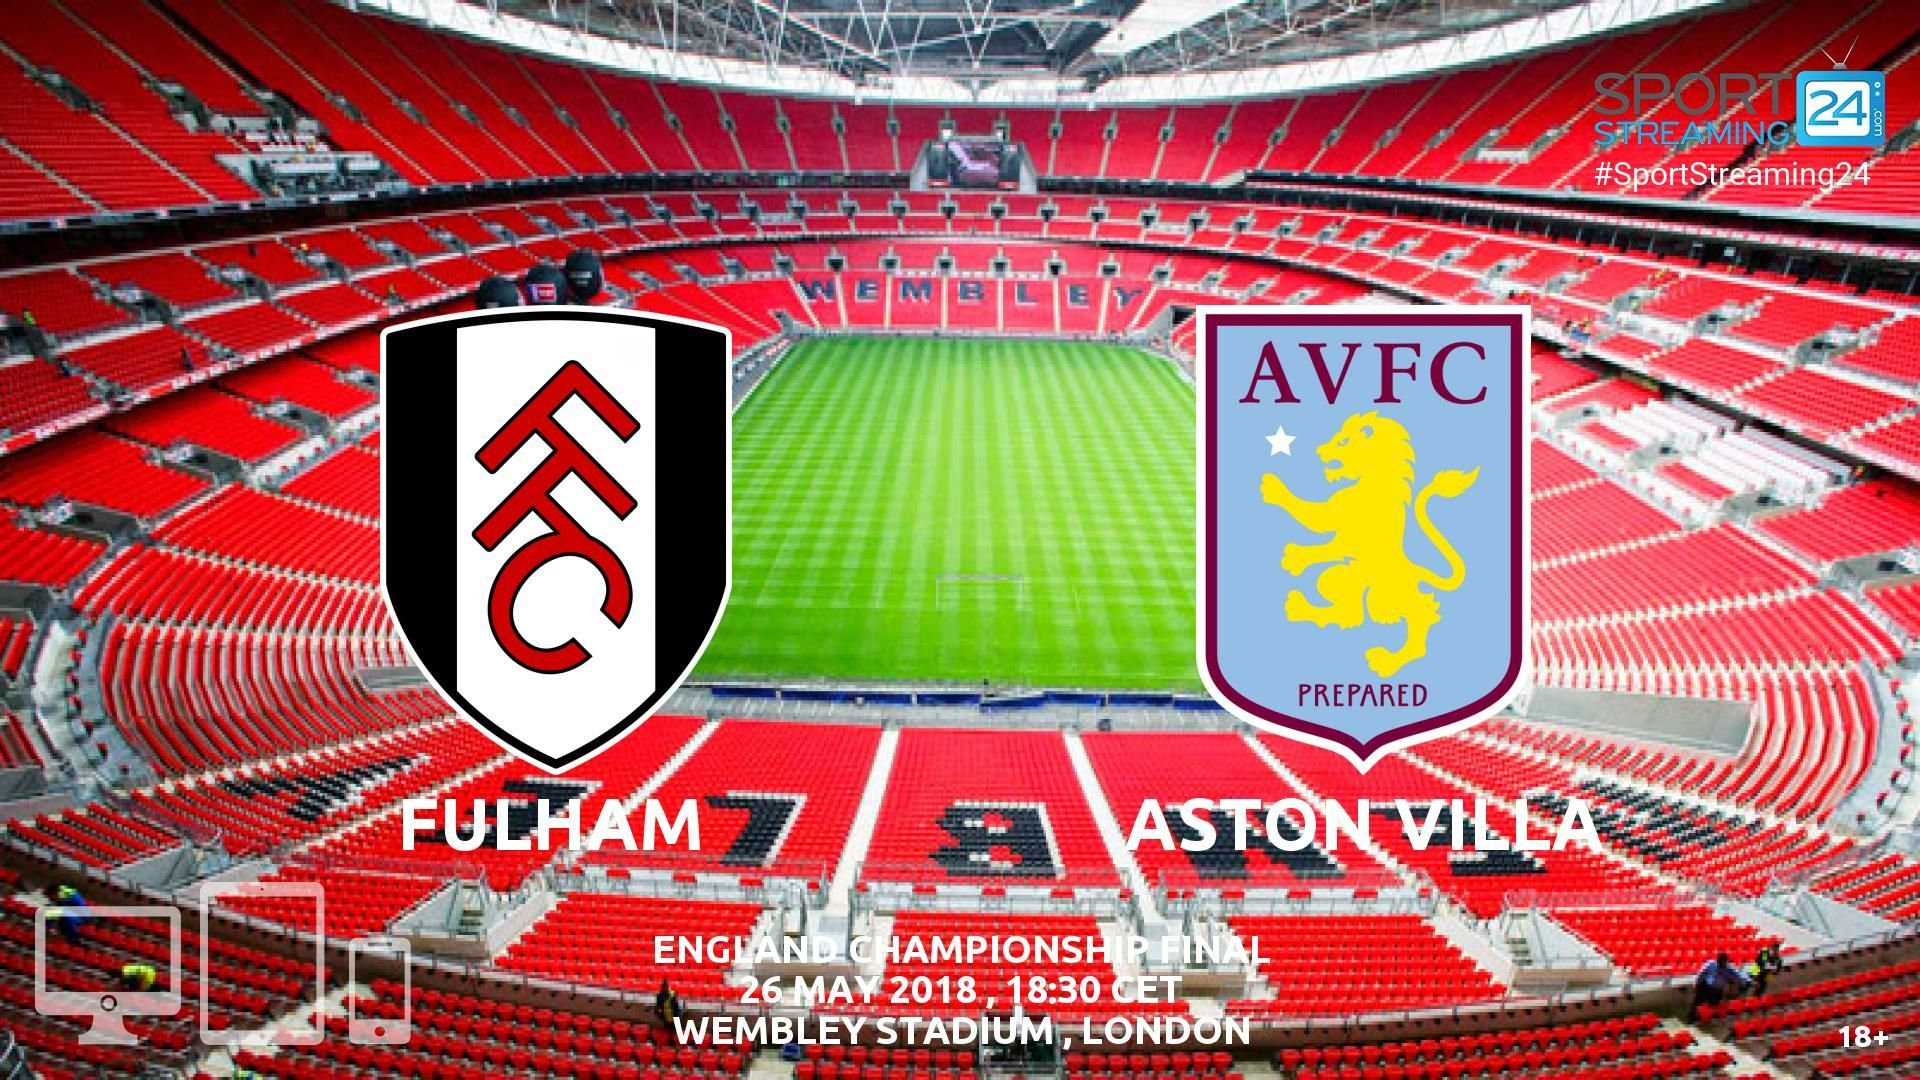 Aston Villa v Fulham Live Streaming Football Aston villa